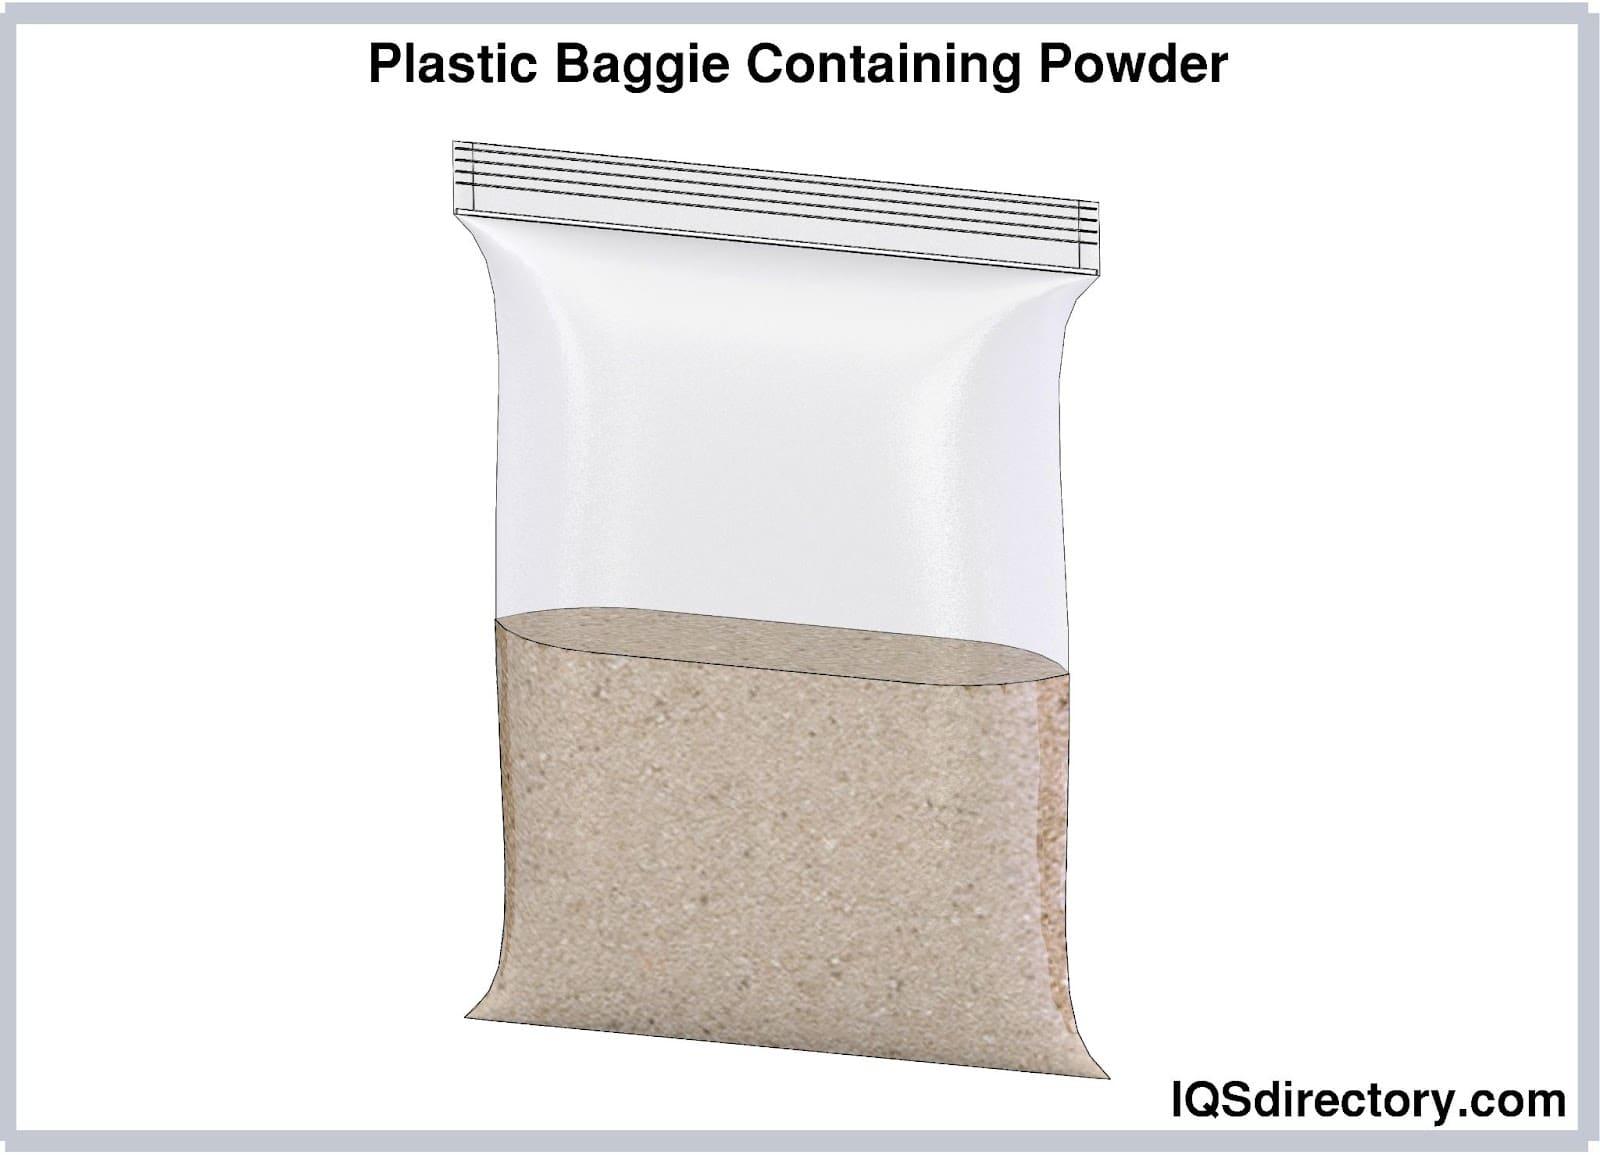 Plastic Baggie Containing Powder